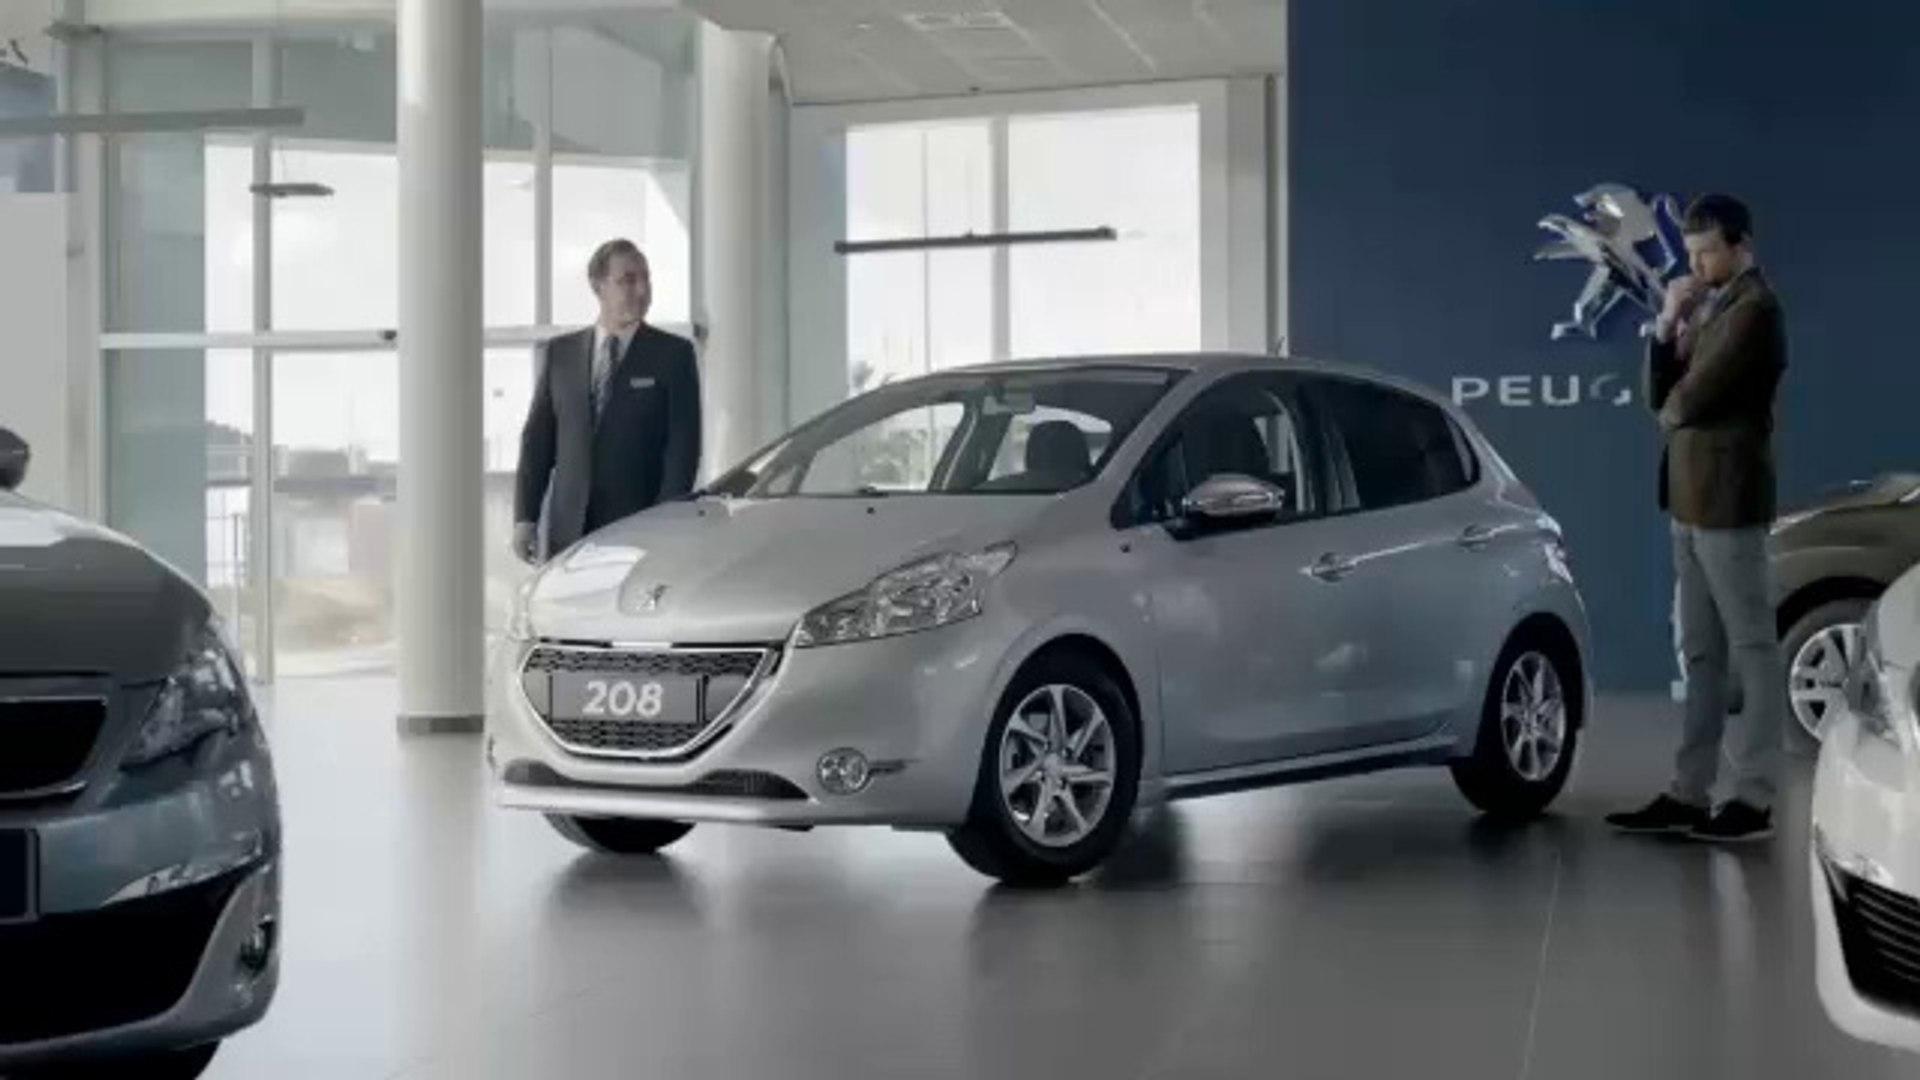 Publicité Peugeot 208 – Suréquipée – TVA 0% (30s) – 2014 ( ****.feline208.net )